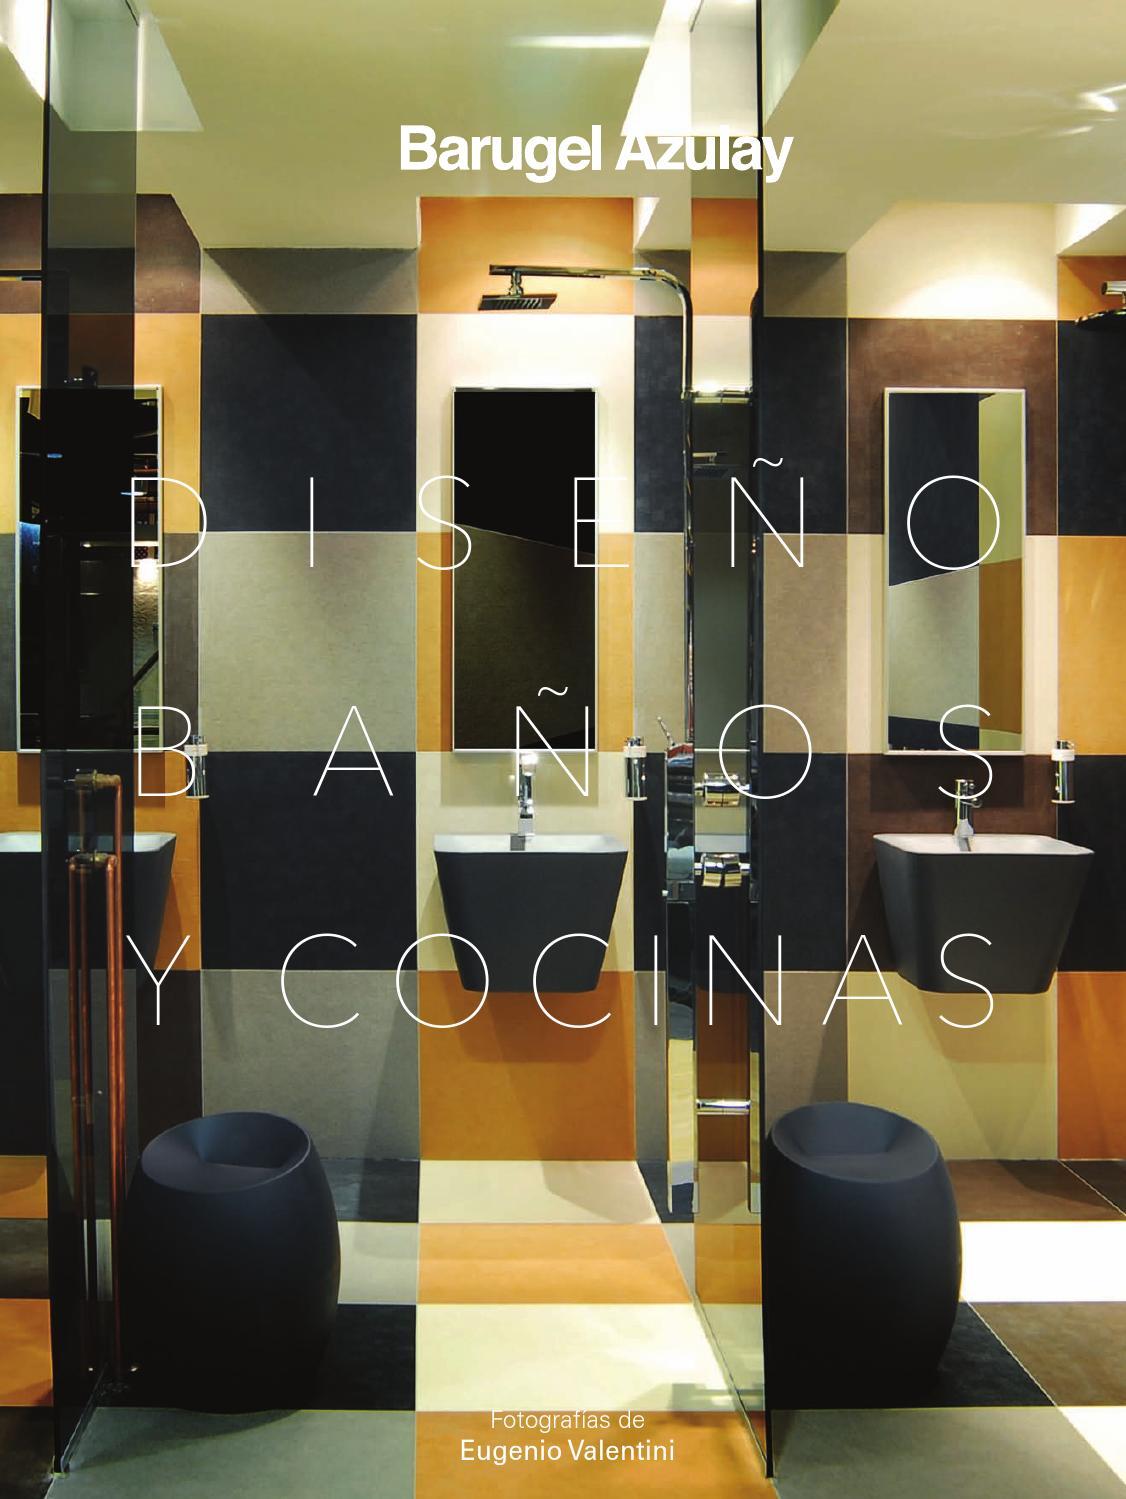 Diseño Baños y Cocinas 2013 by Un amplio espacio para el diseño - issuu